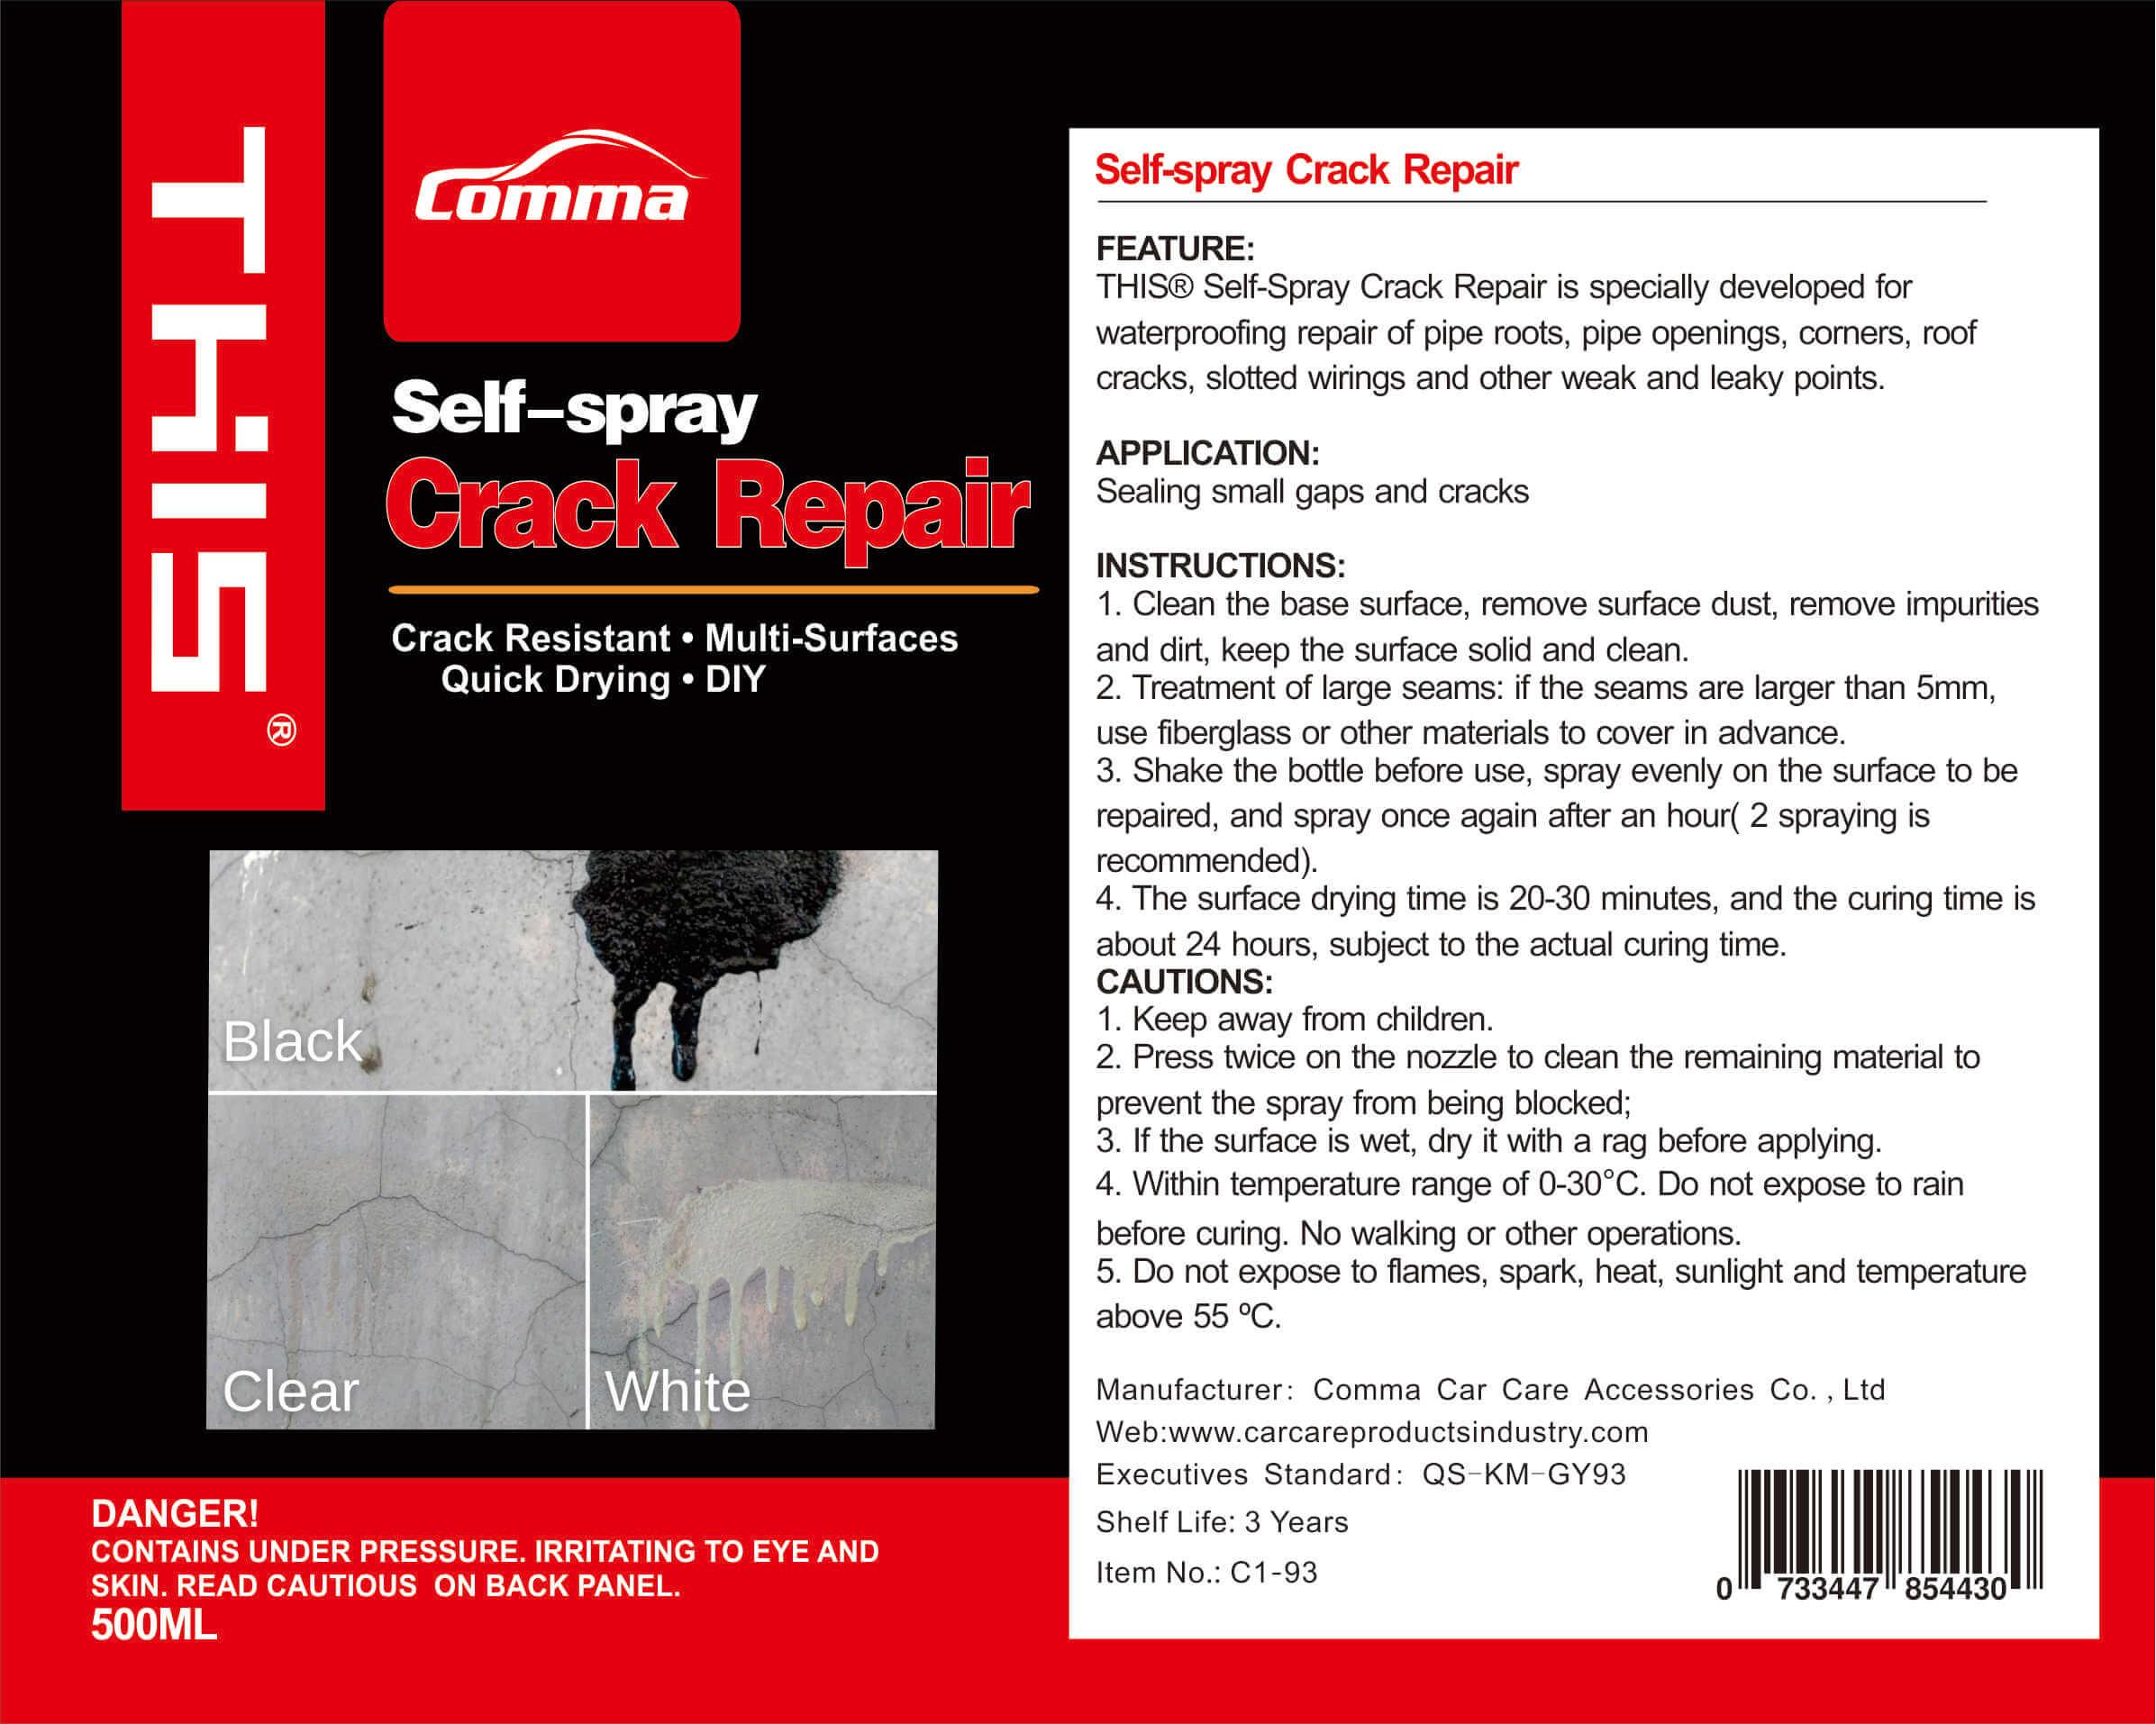 self-spray crack repair